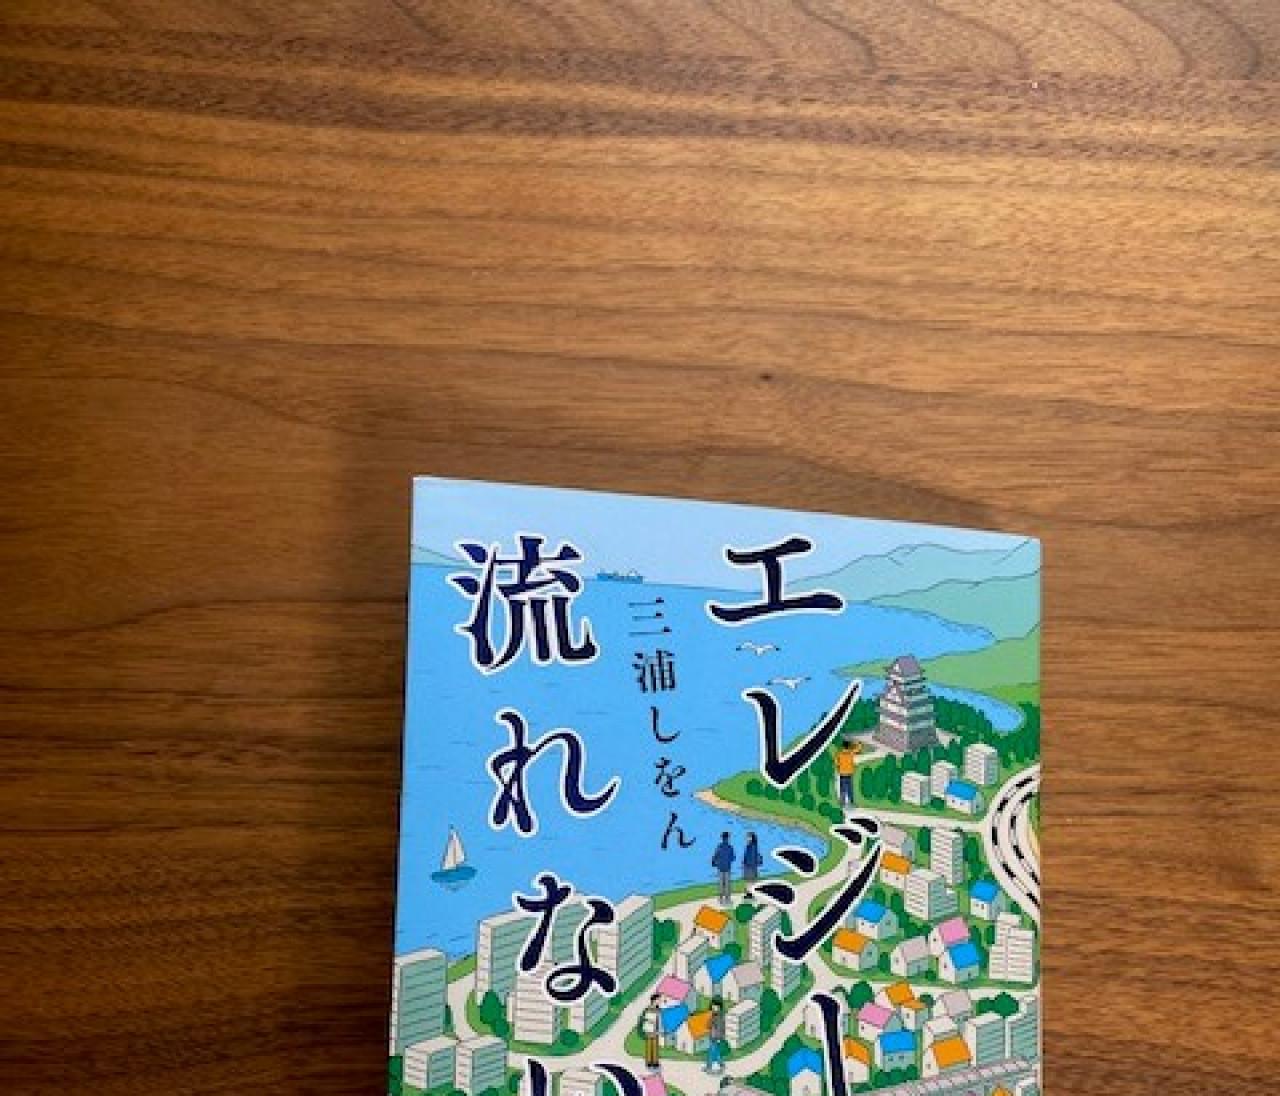 待望の三浦しをんさんの最新小説『エレジーは流れない』でエナジーをチャージ!【30代に幸せをくれるものvol.23】